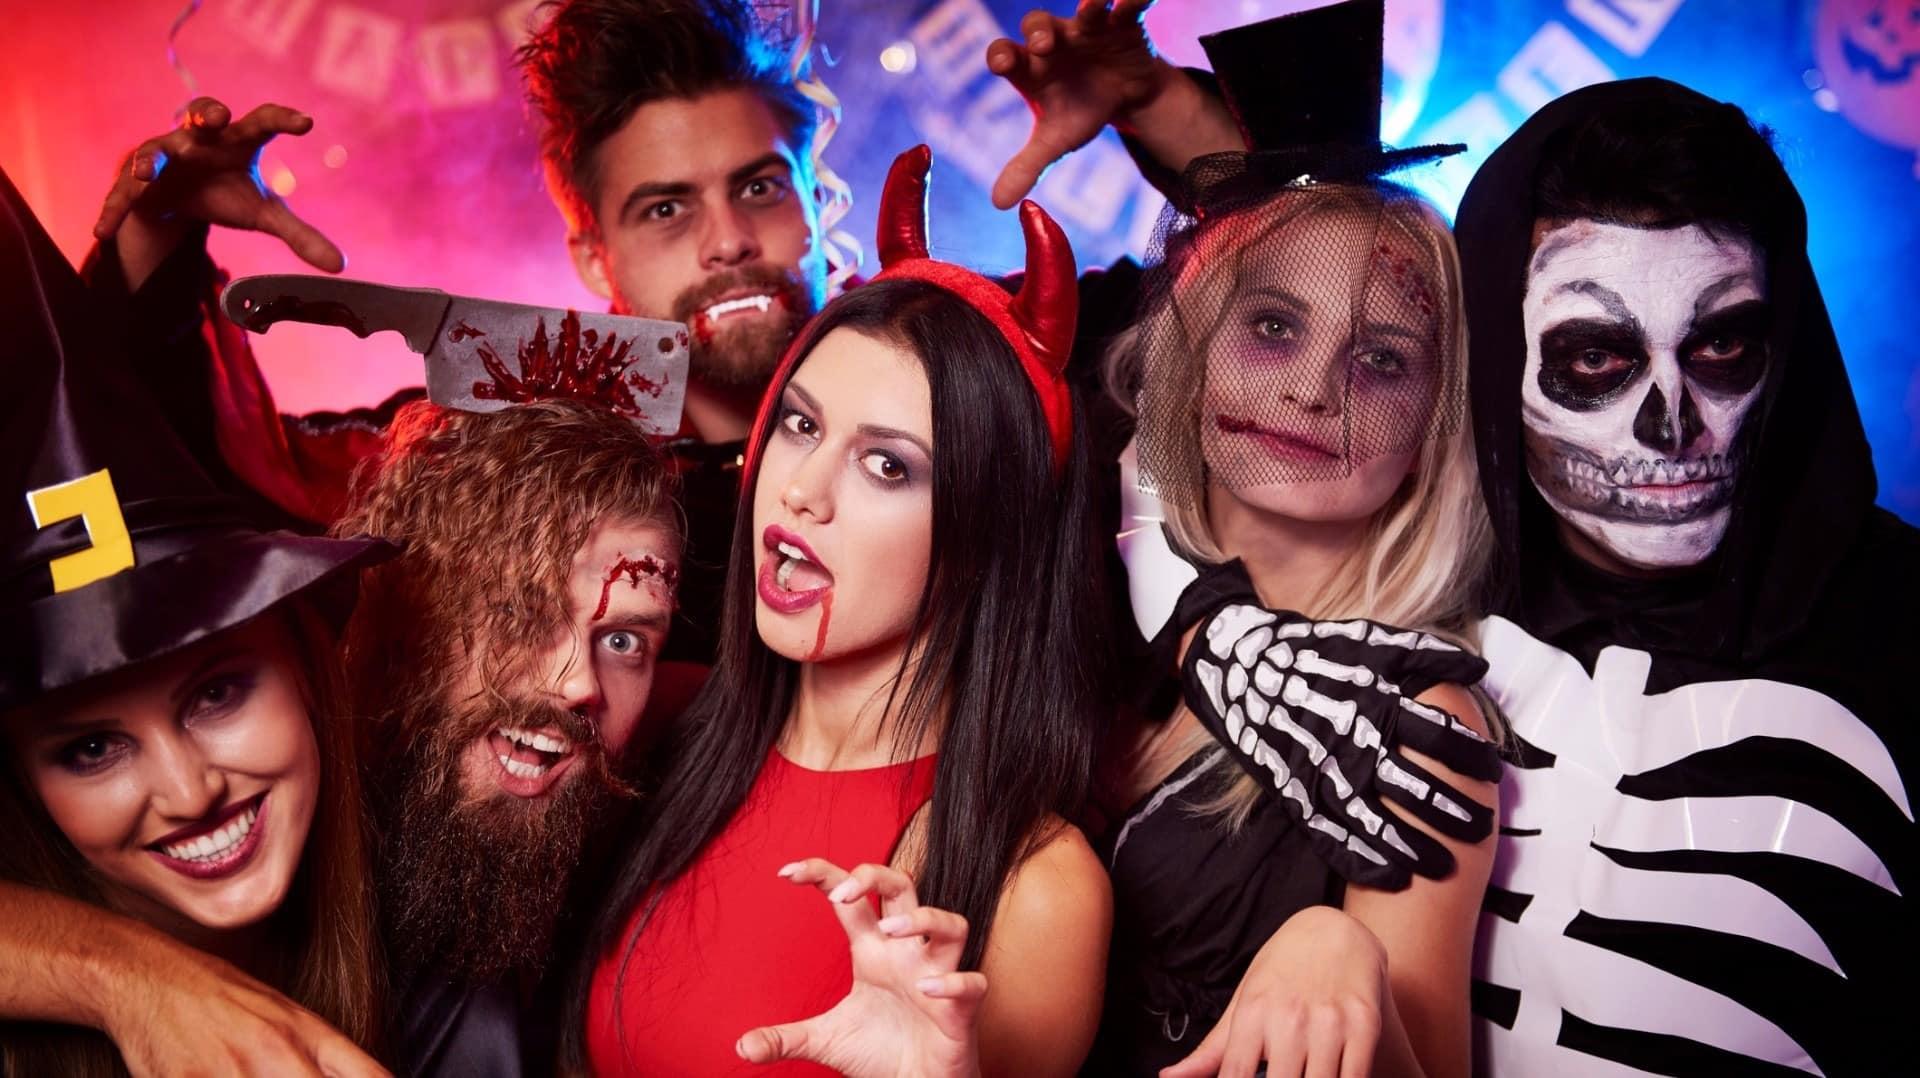 Как проводят Хэллоуин в России и во всем мире в 2019 году: костюмы, традиции и атрибуты